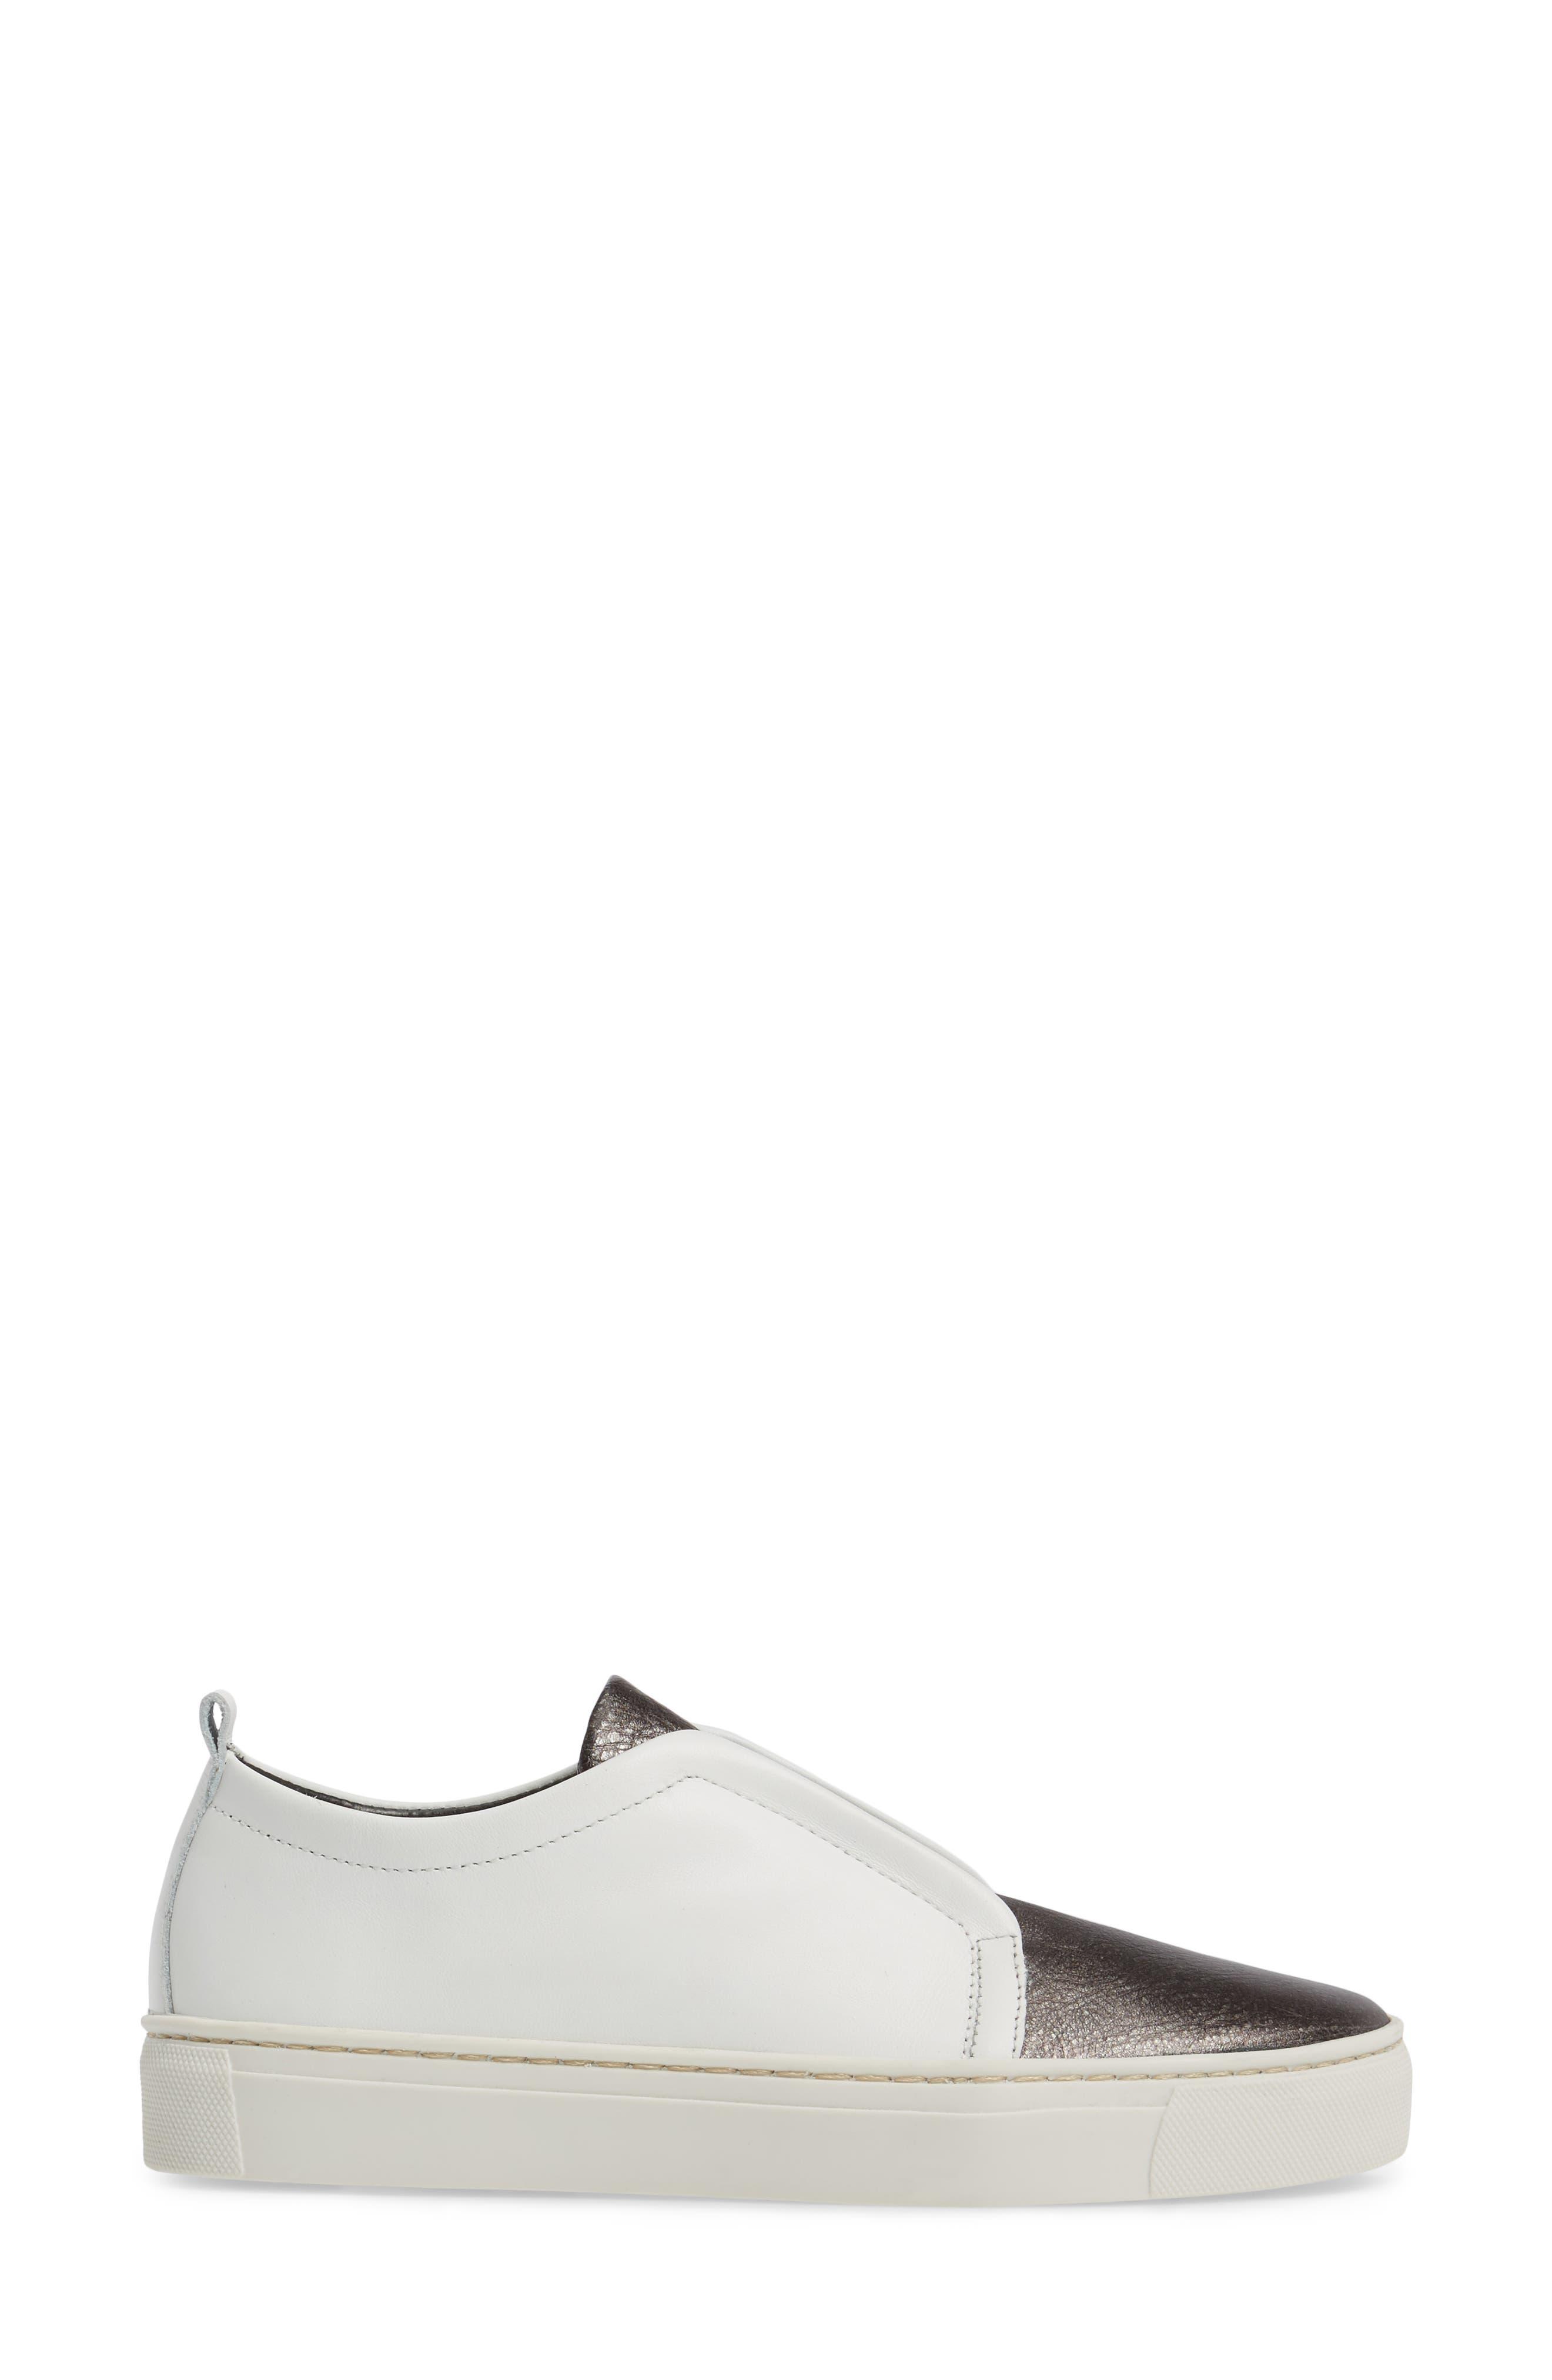 Rapture Slip-On Sneaker,                             Alternate thumbnail 3, color,                             040